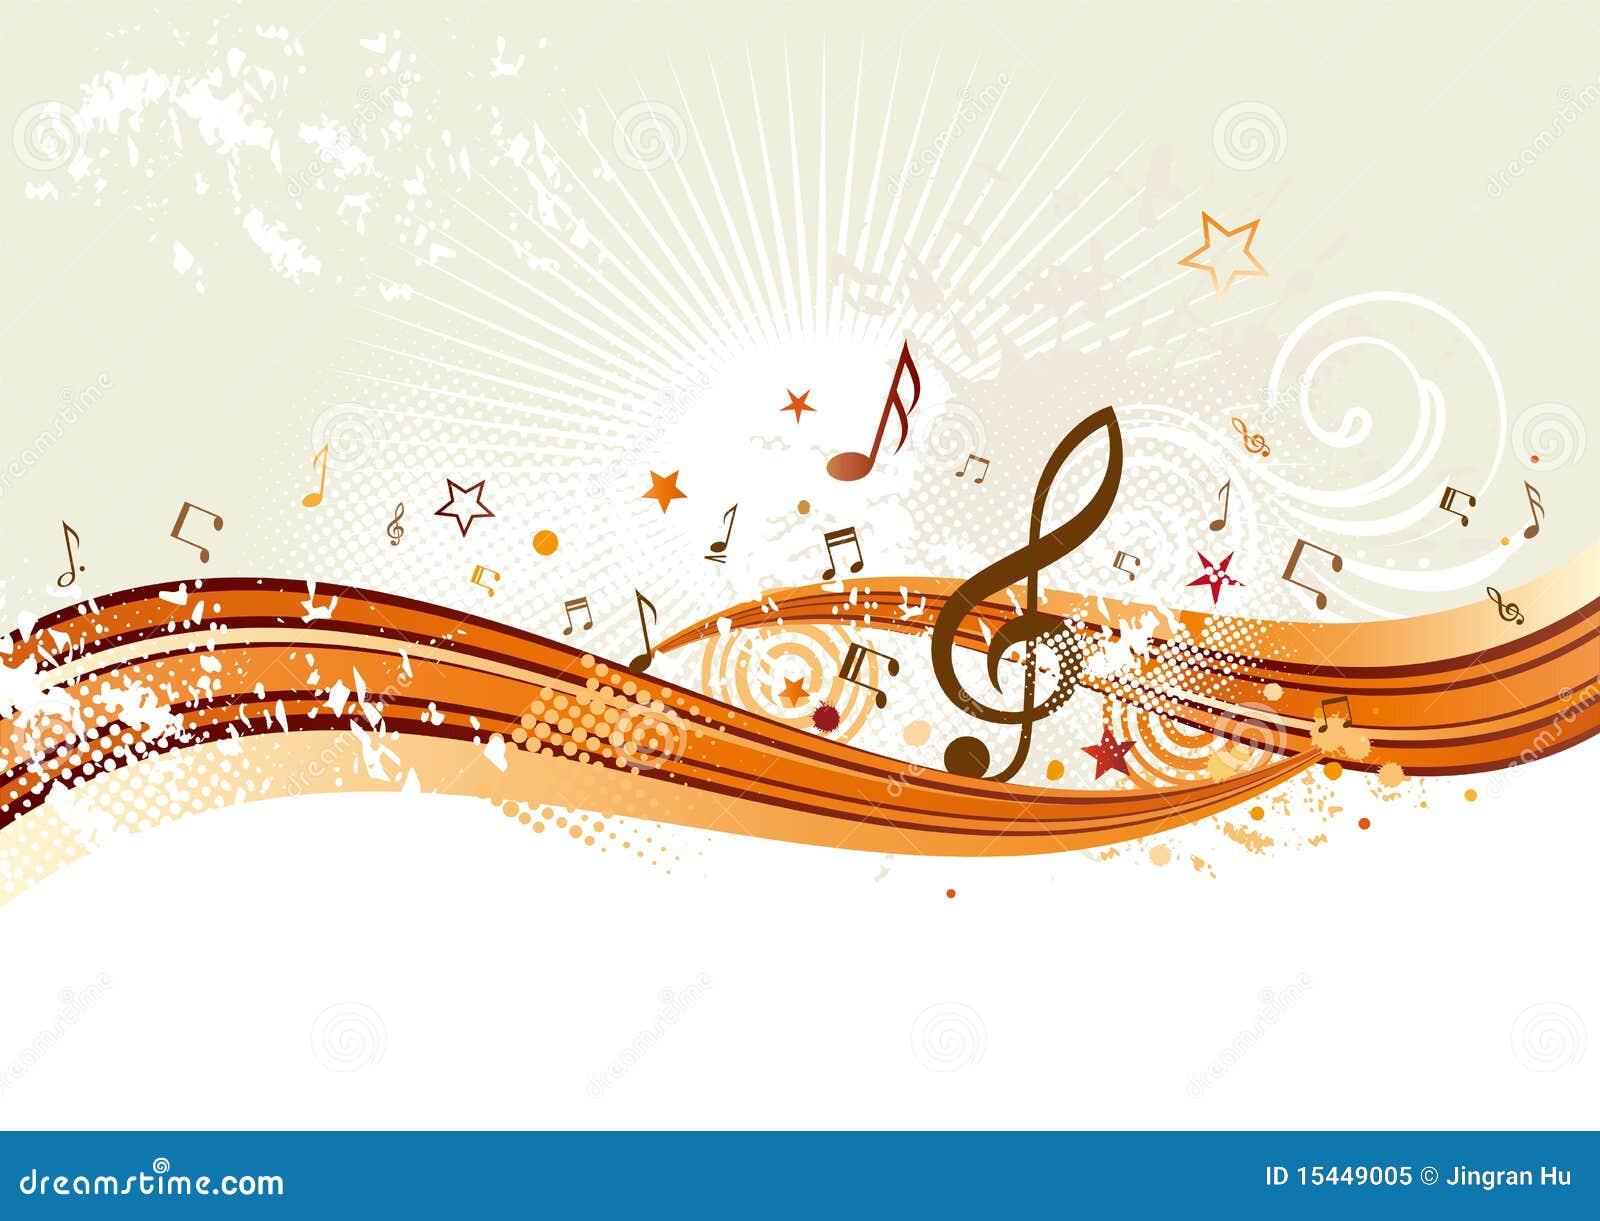 Music Background Royalty Free Stock Photo - Image: 15449005